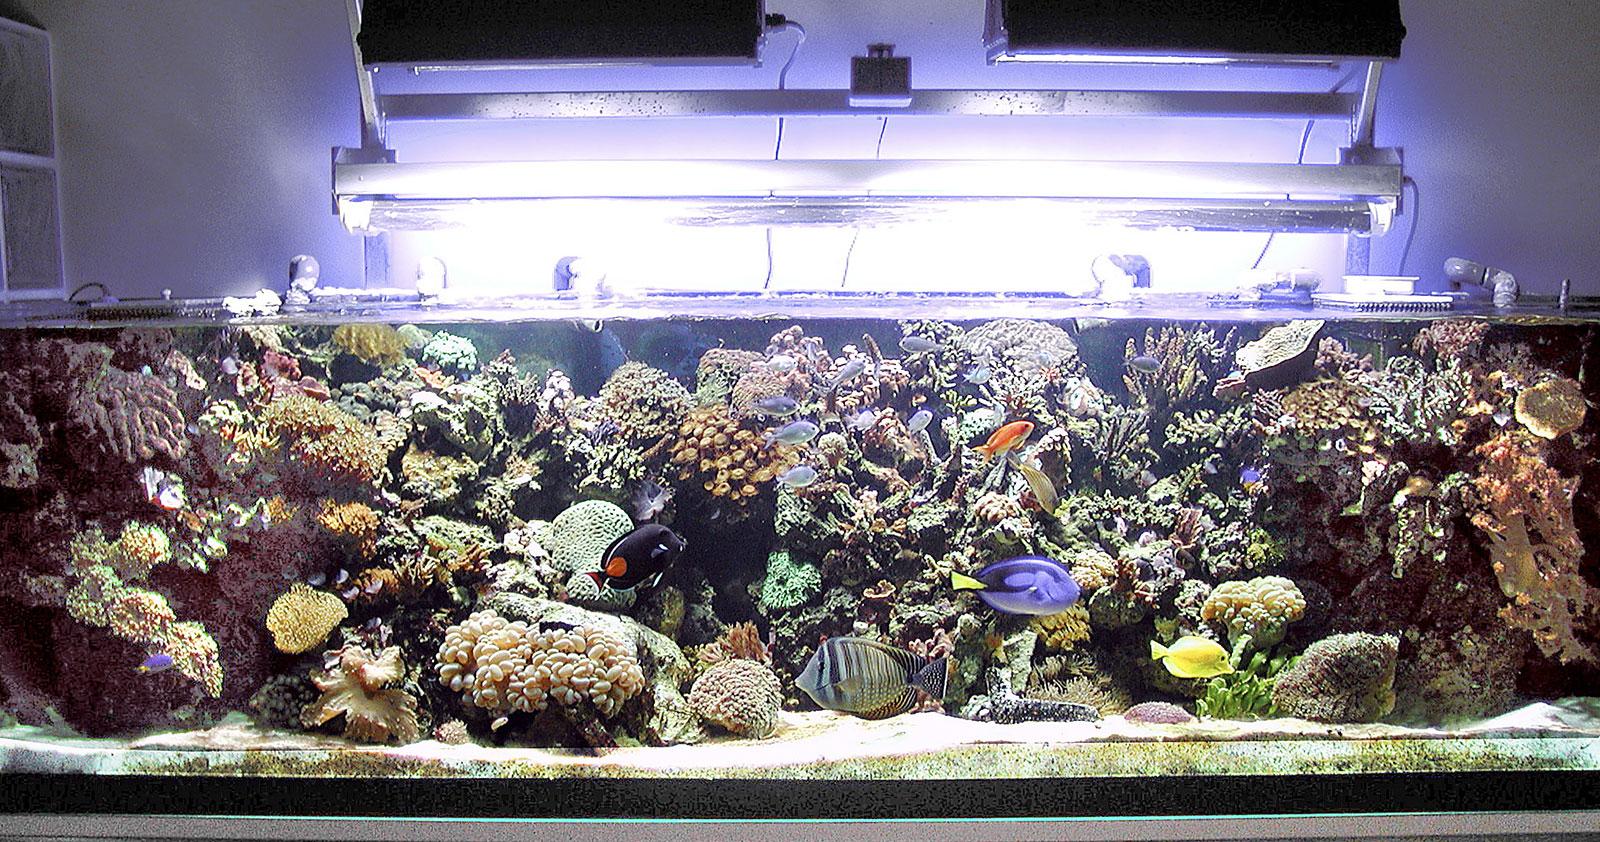 Architettura e dimensioni di un acquario marino for Acquario marino 300 litri prezzo